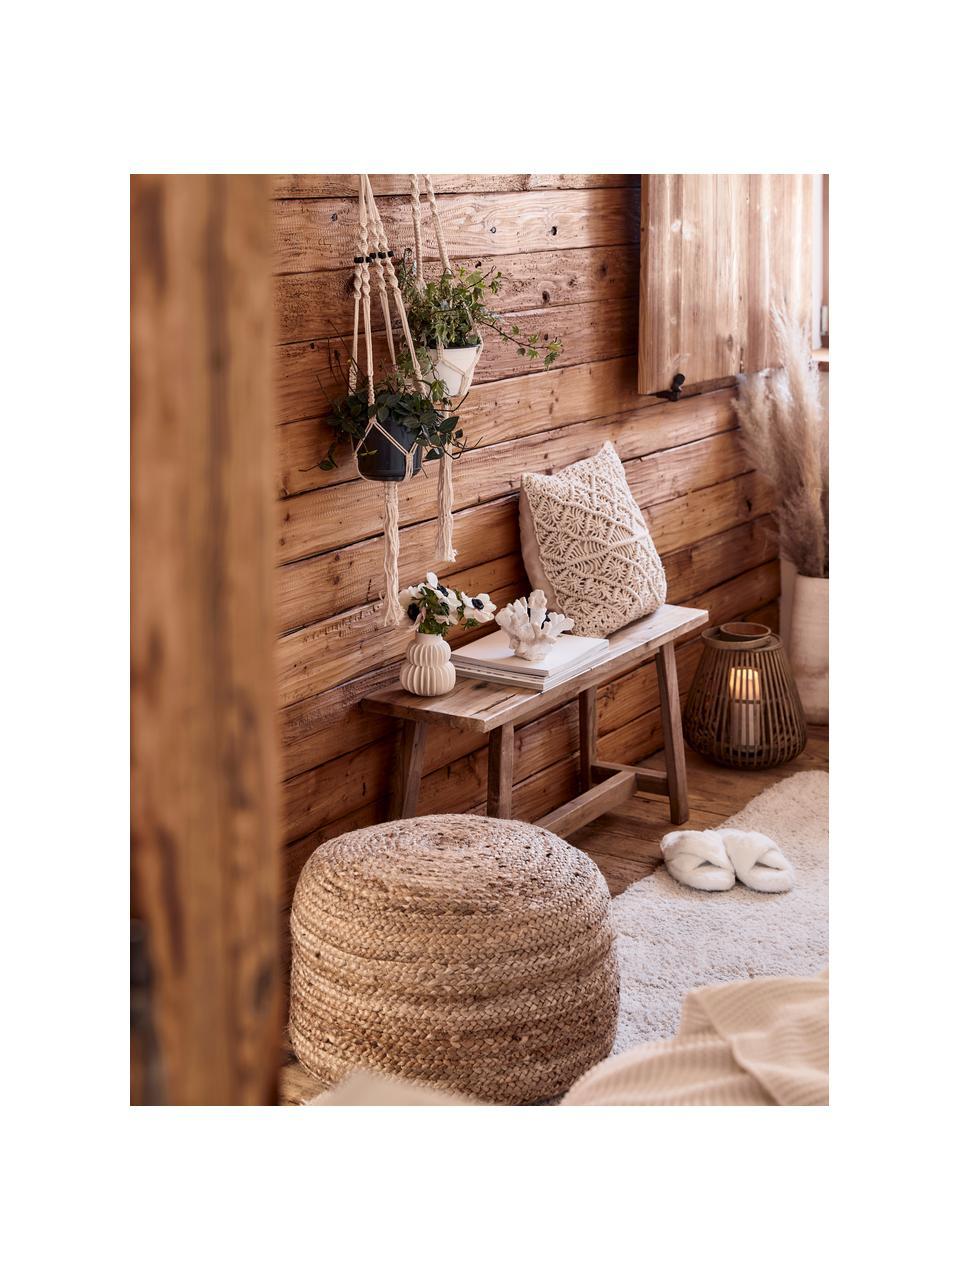 Banco de madera de teca reciclada Lawas, Madera de teca natural, Teca, An 100 x Al 46 cm